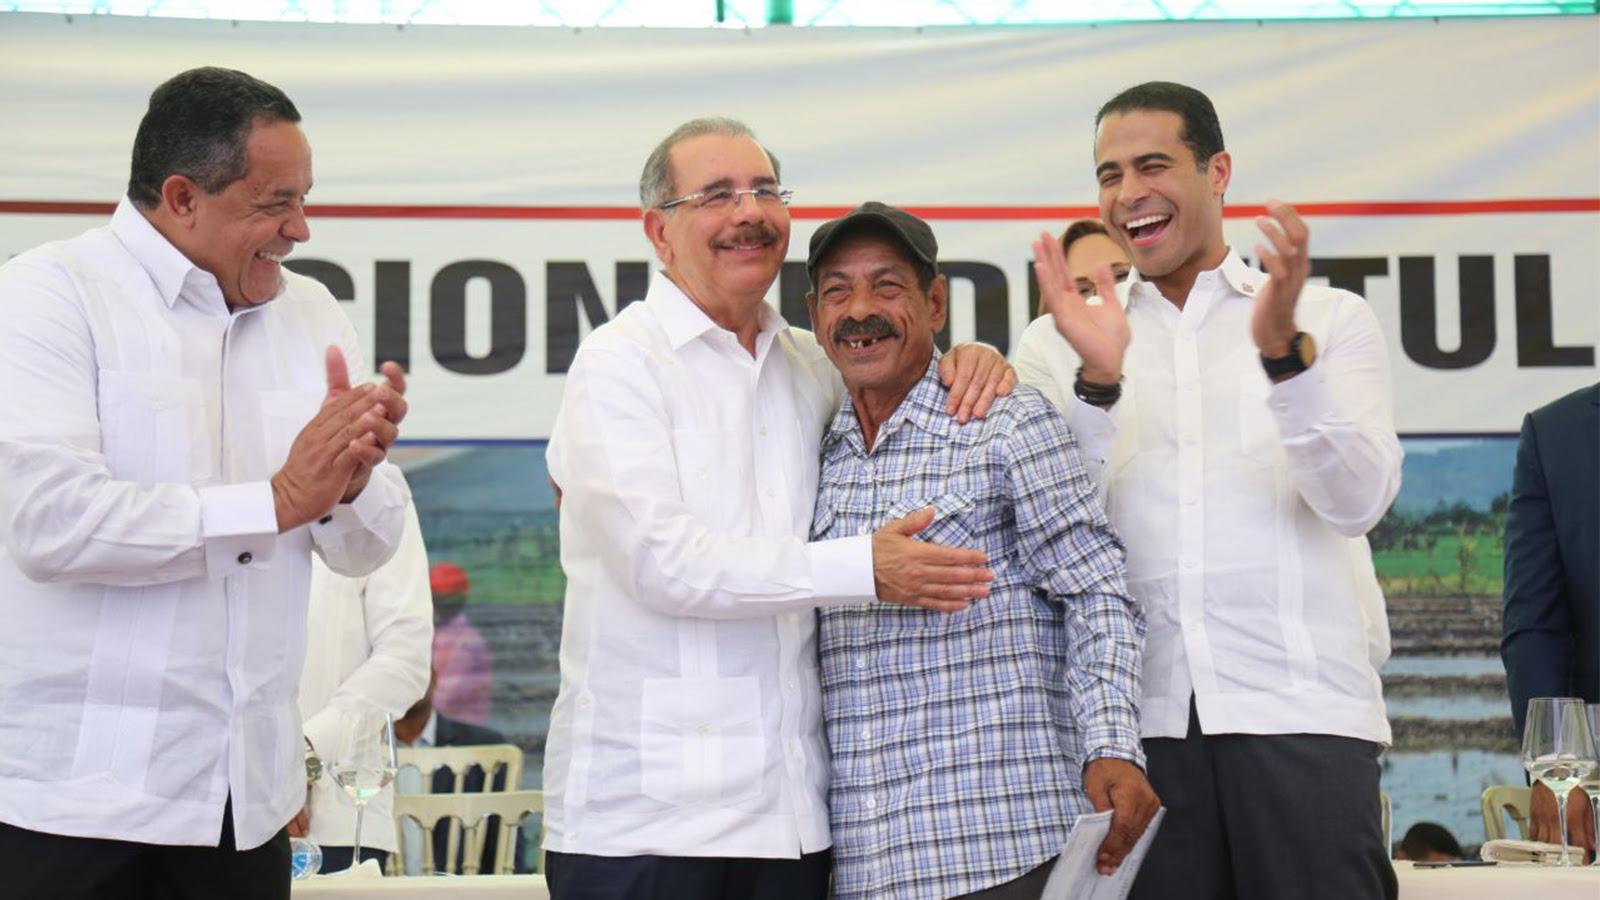 , Gobierno salda histórica deuda social con santiagueros: parceleros reciben 1,504 títulos propiedad